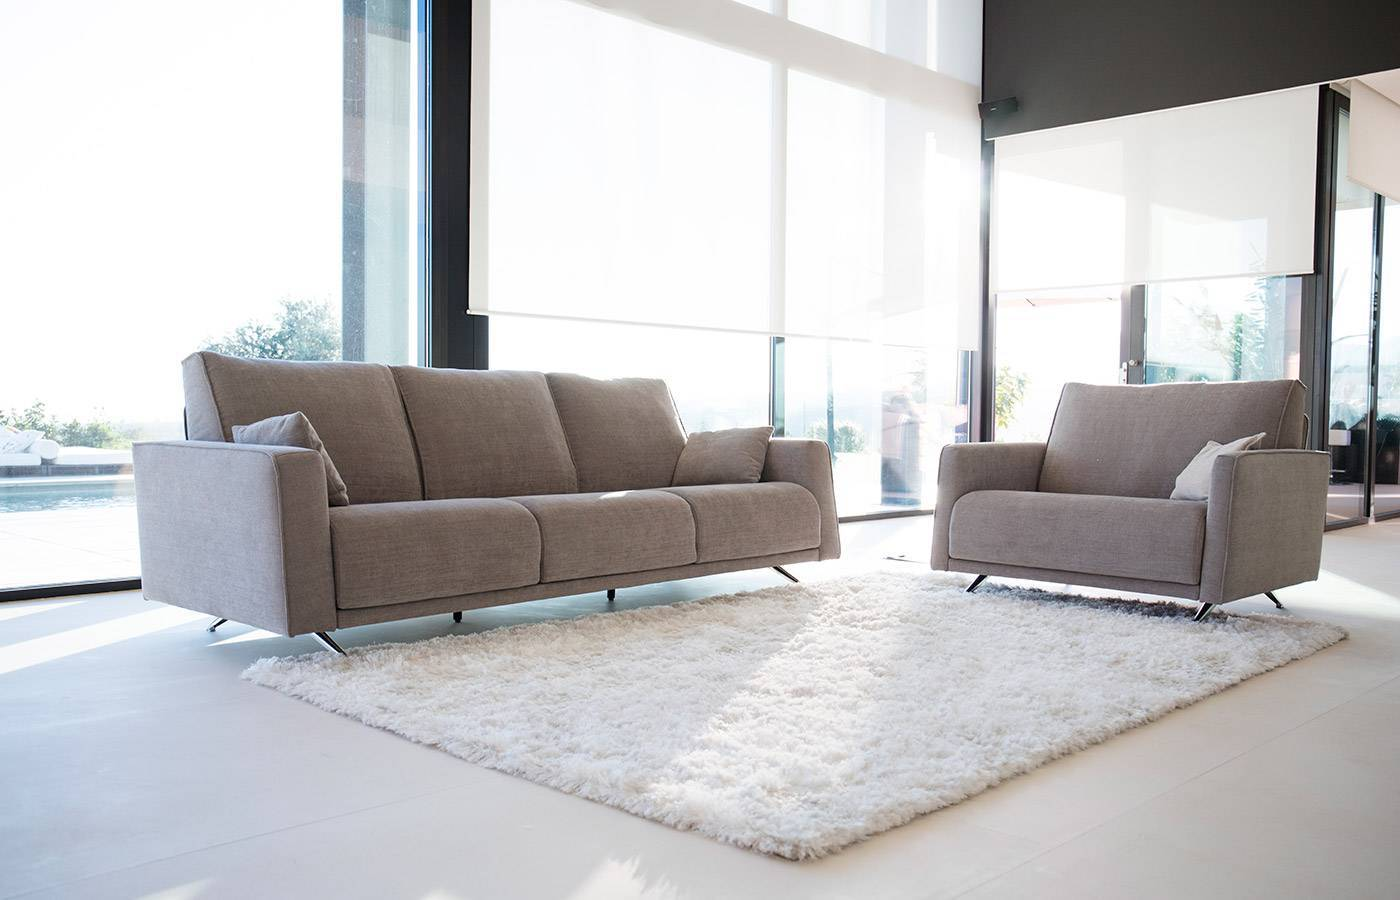 Comprar sofa online simple compra online de sofs en ikea - Muebles llamazares ...